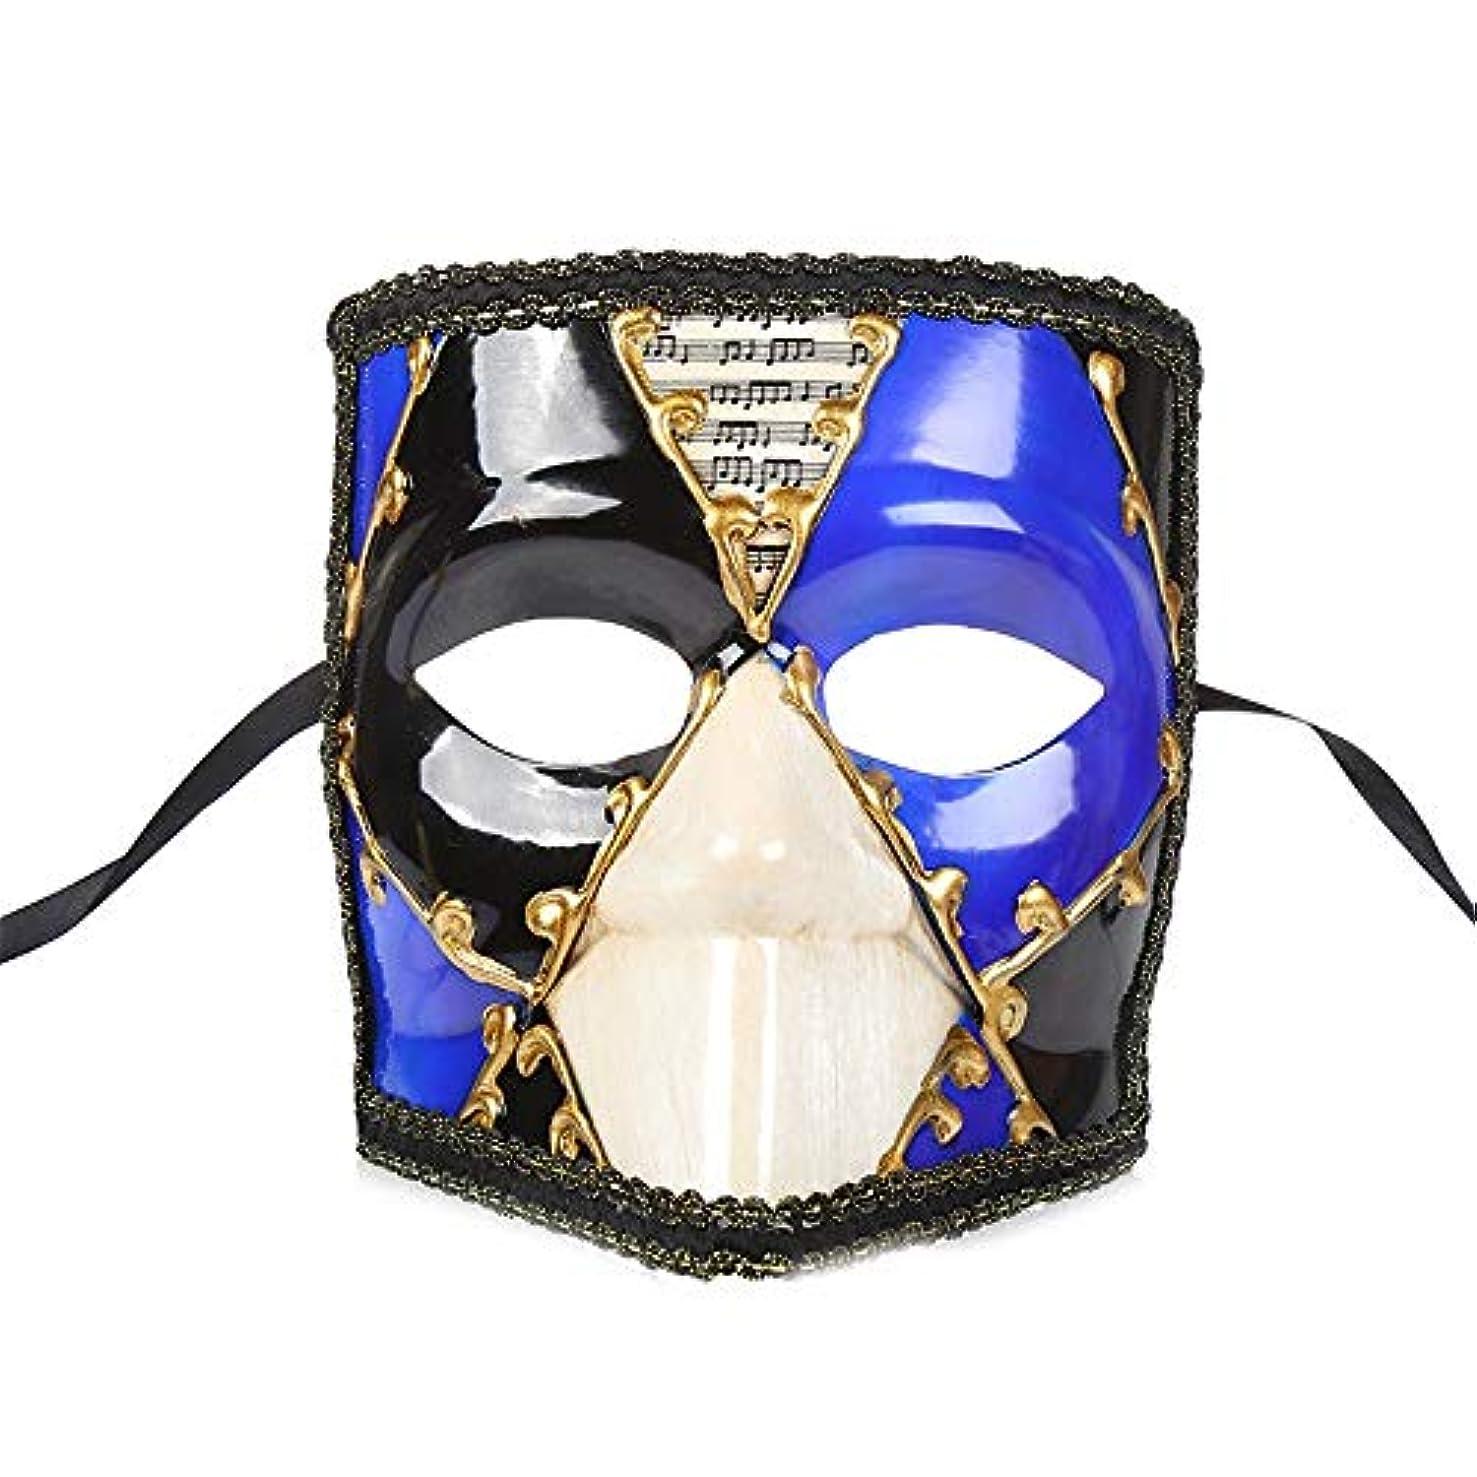 俳優ジェームズダイソン材料ダンスマスク ピエロマスクヴィンテージマスカレードショーデコレーションコスプレナイトクラブプラスチック厚いマスク ホリデーパーティー用品 (色 : 青, サイズ : 18x15cm)